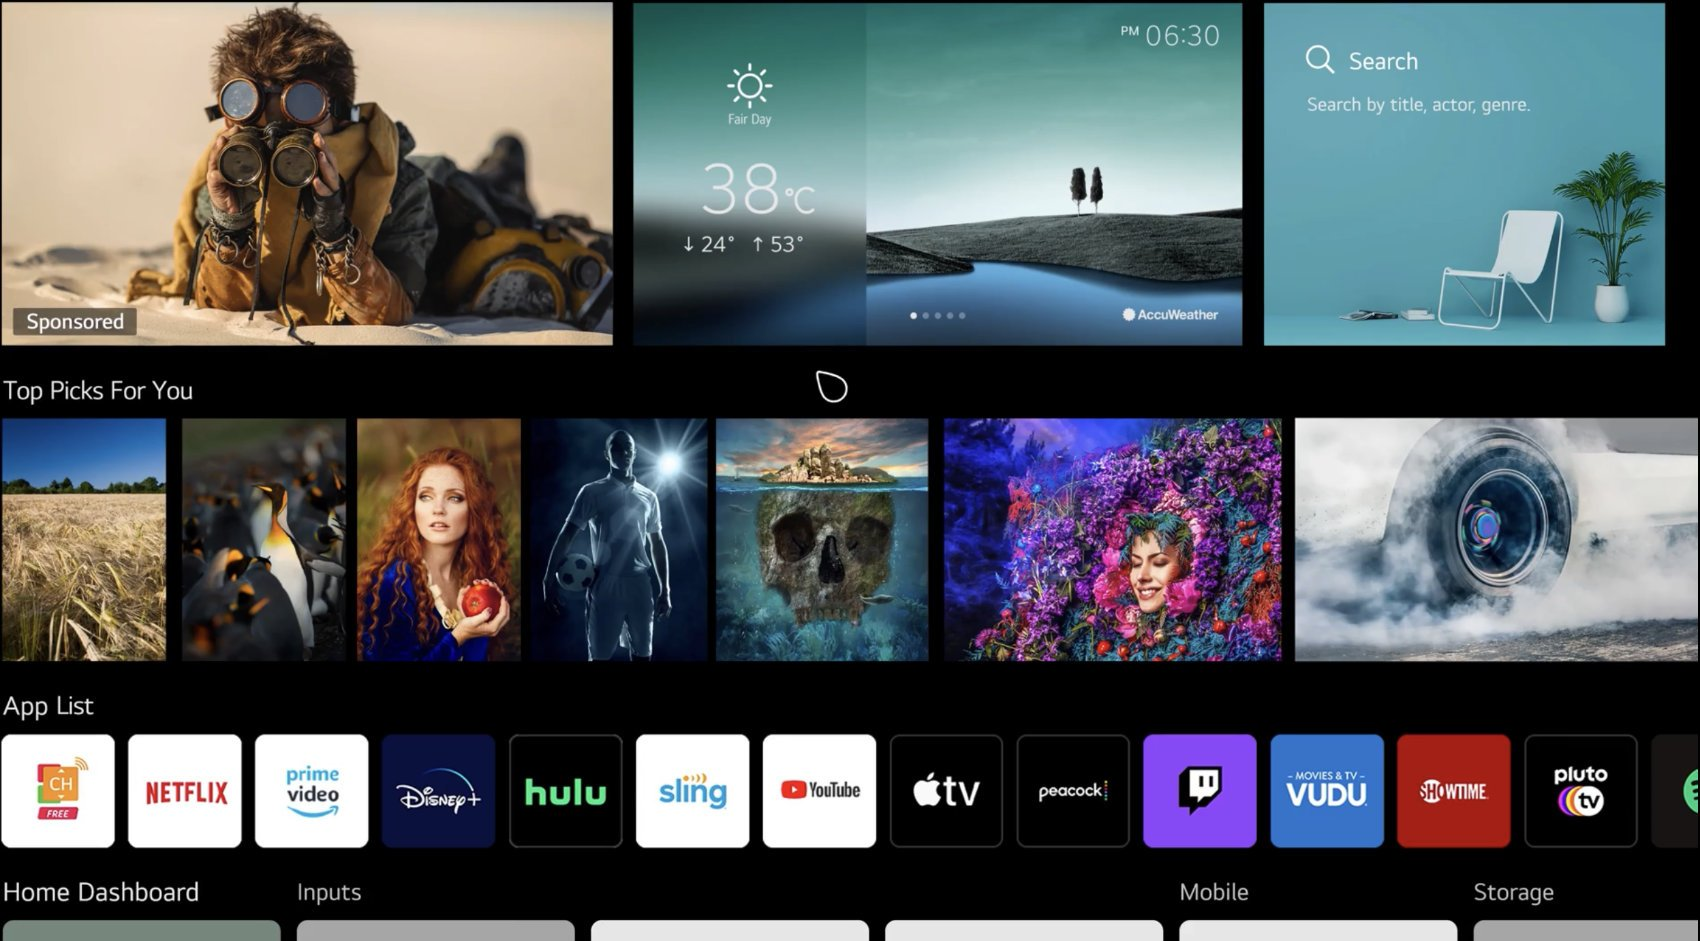 LG webOS Interface